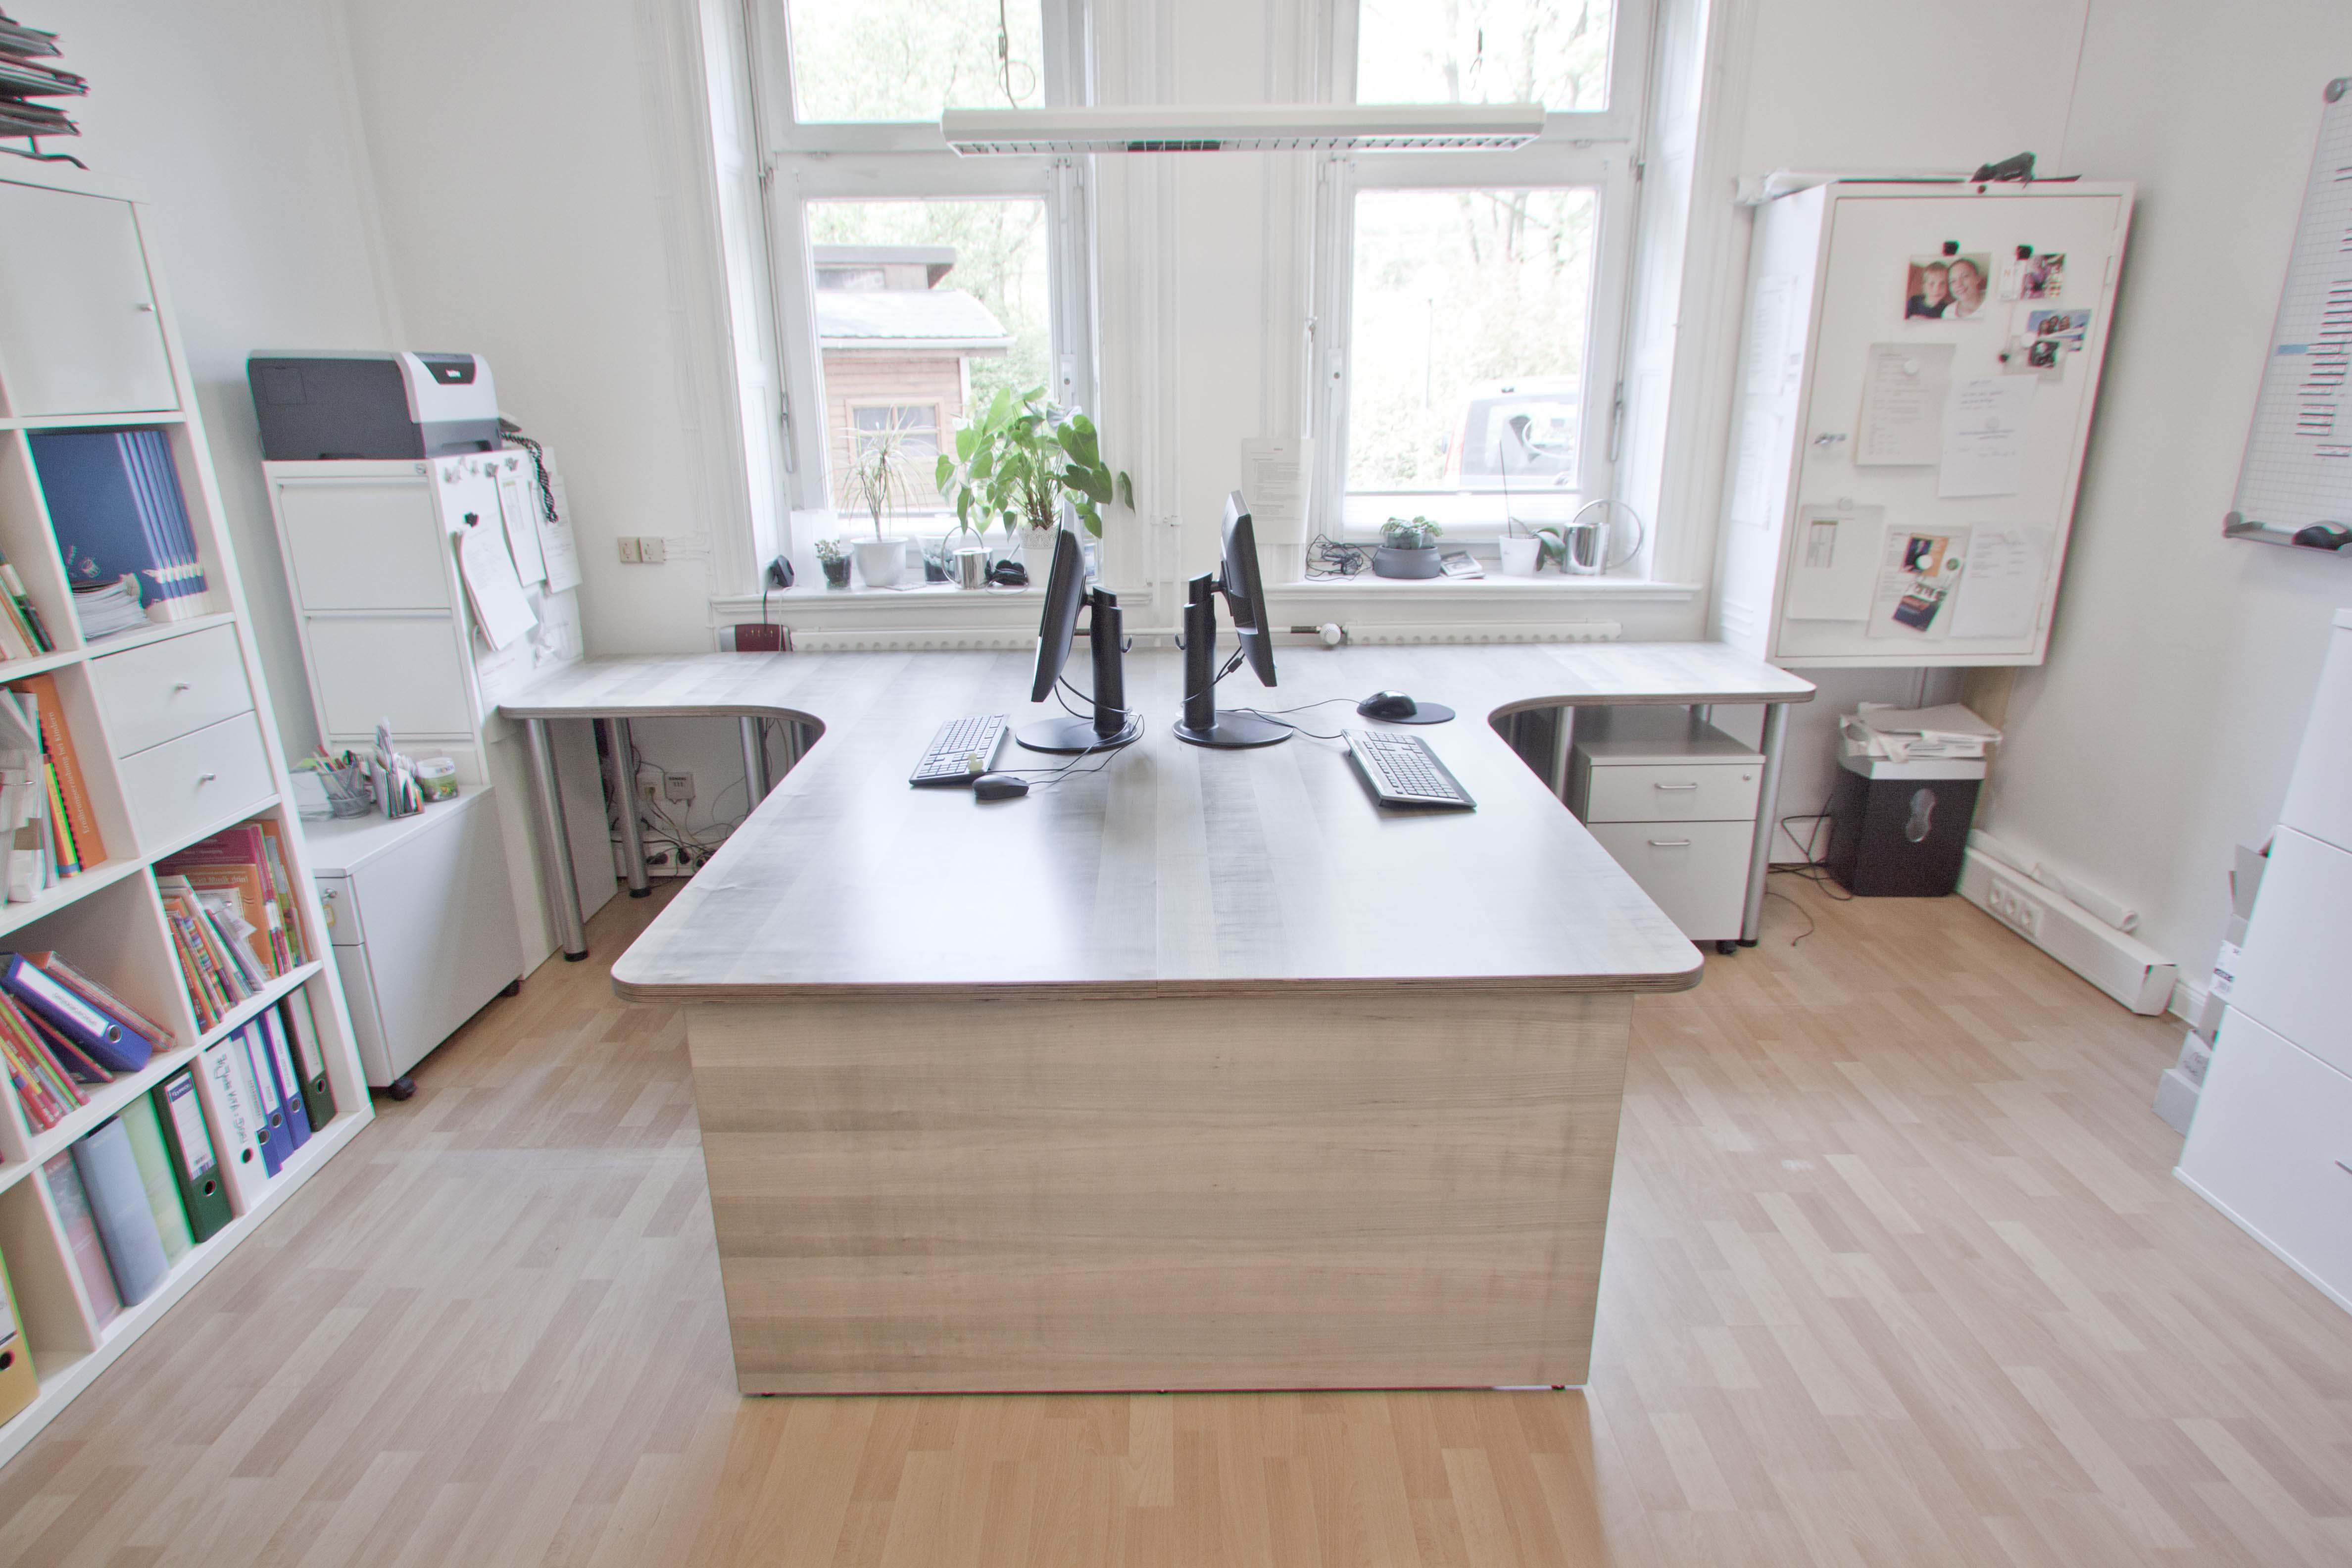 Schreibtisch vorm fenster - Schreibtisch vor fenster ...